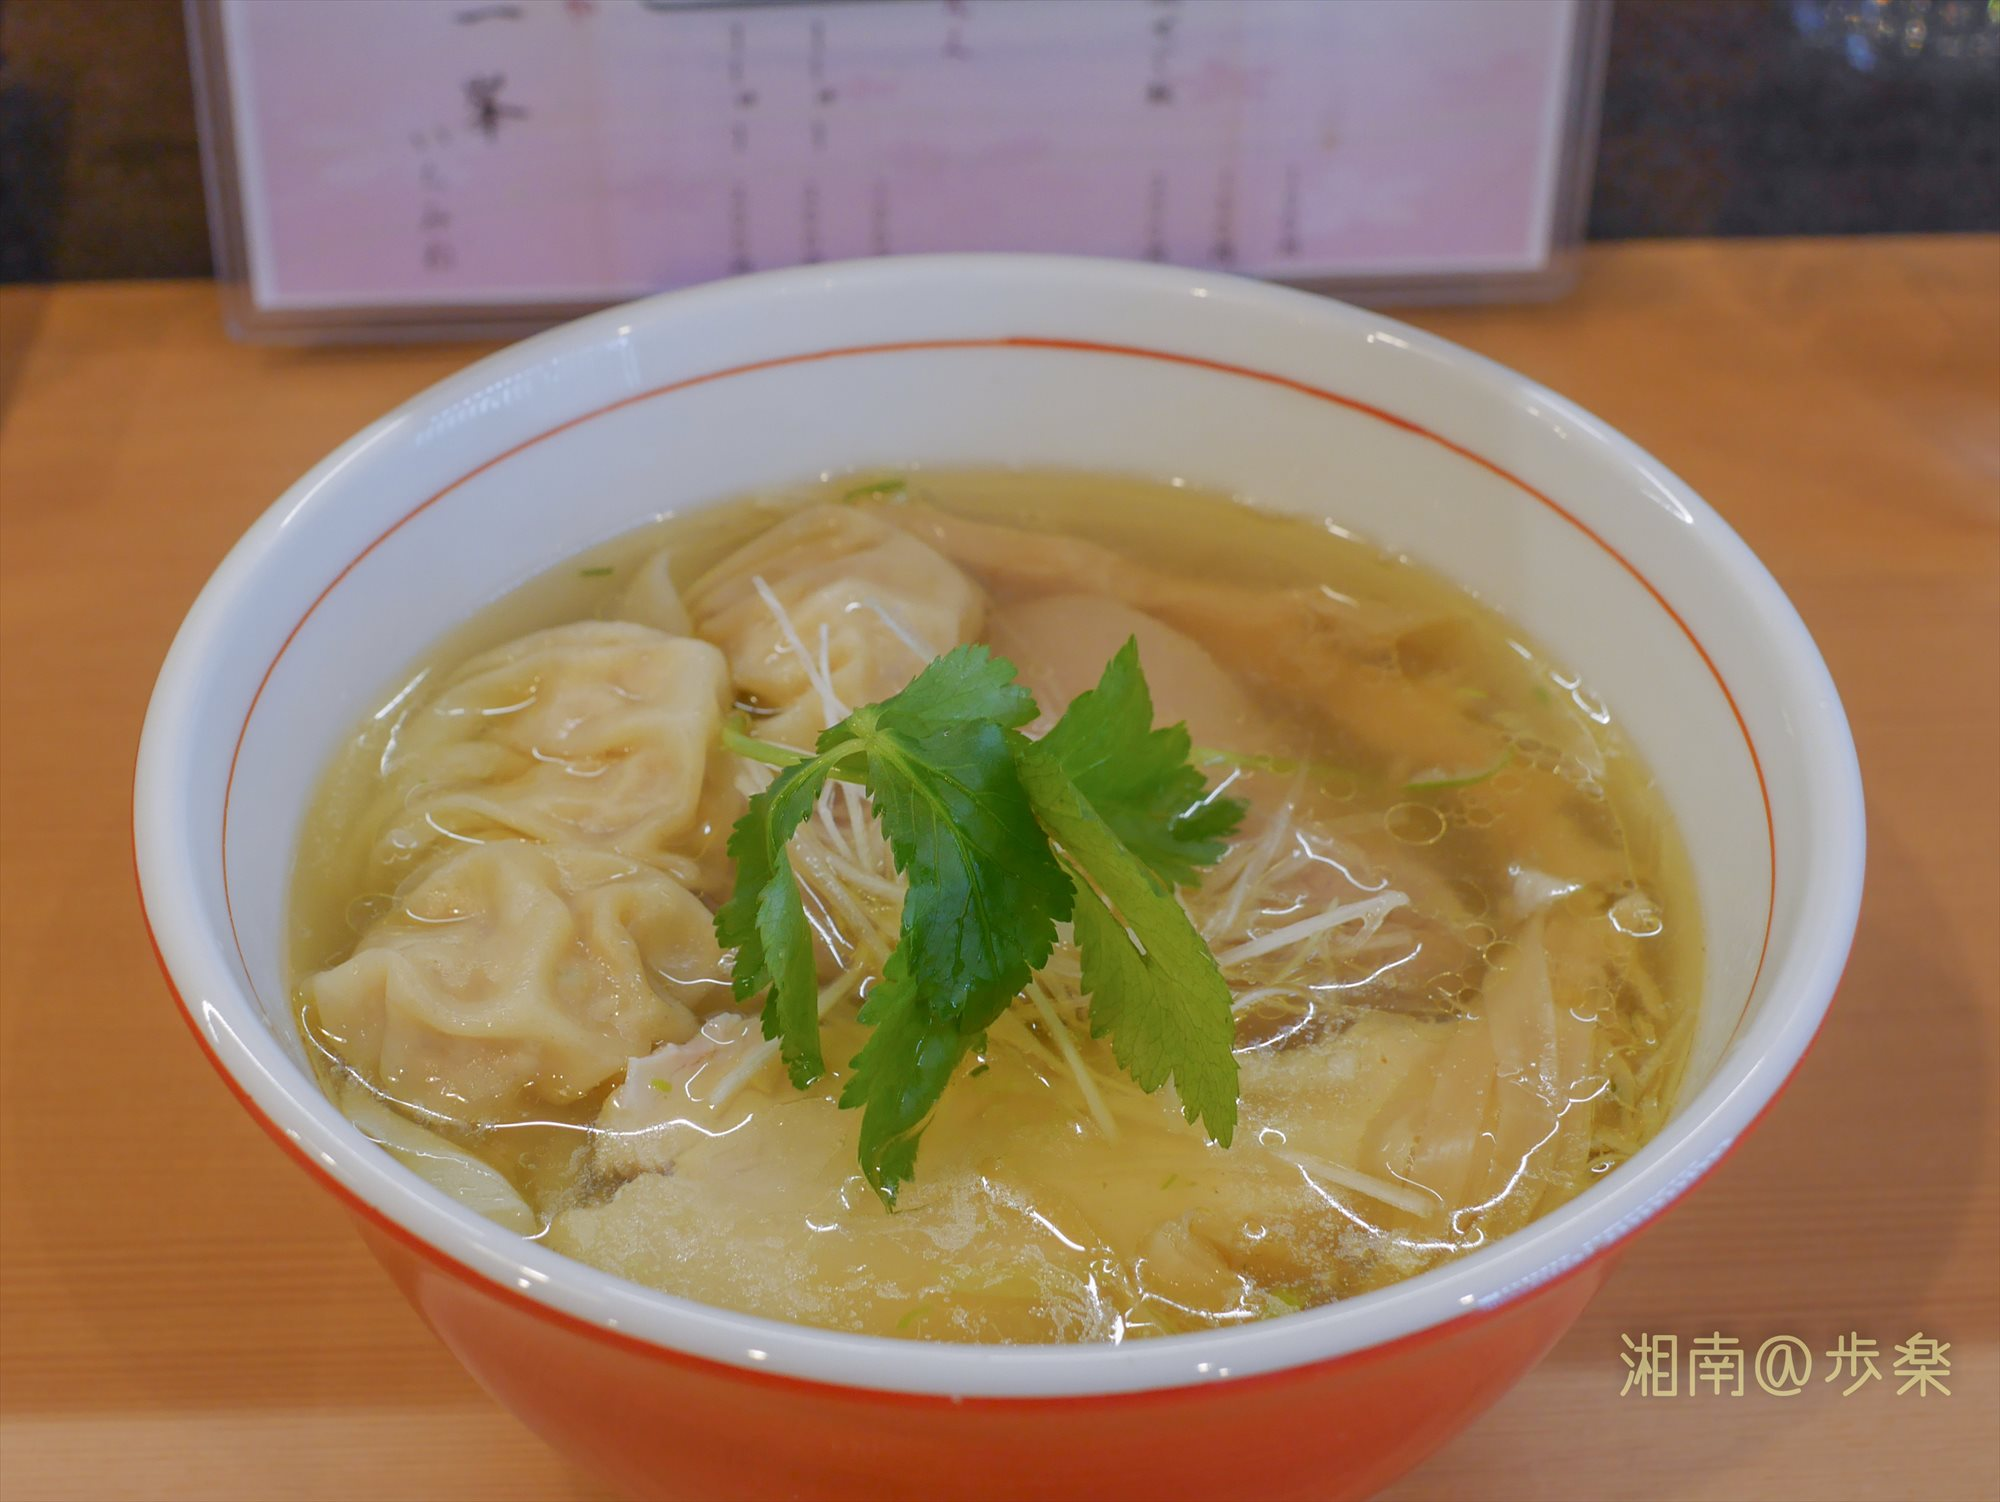 麺や 一峯:内モンゴルの岩塩がベースというがその味は?